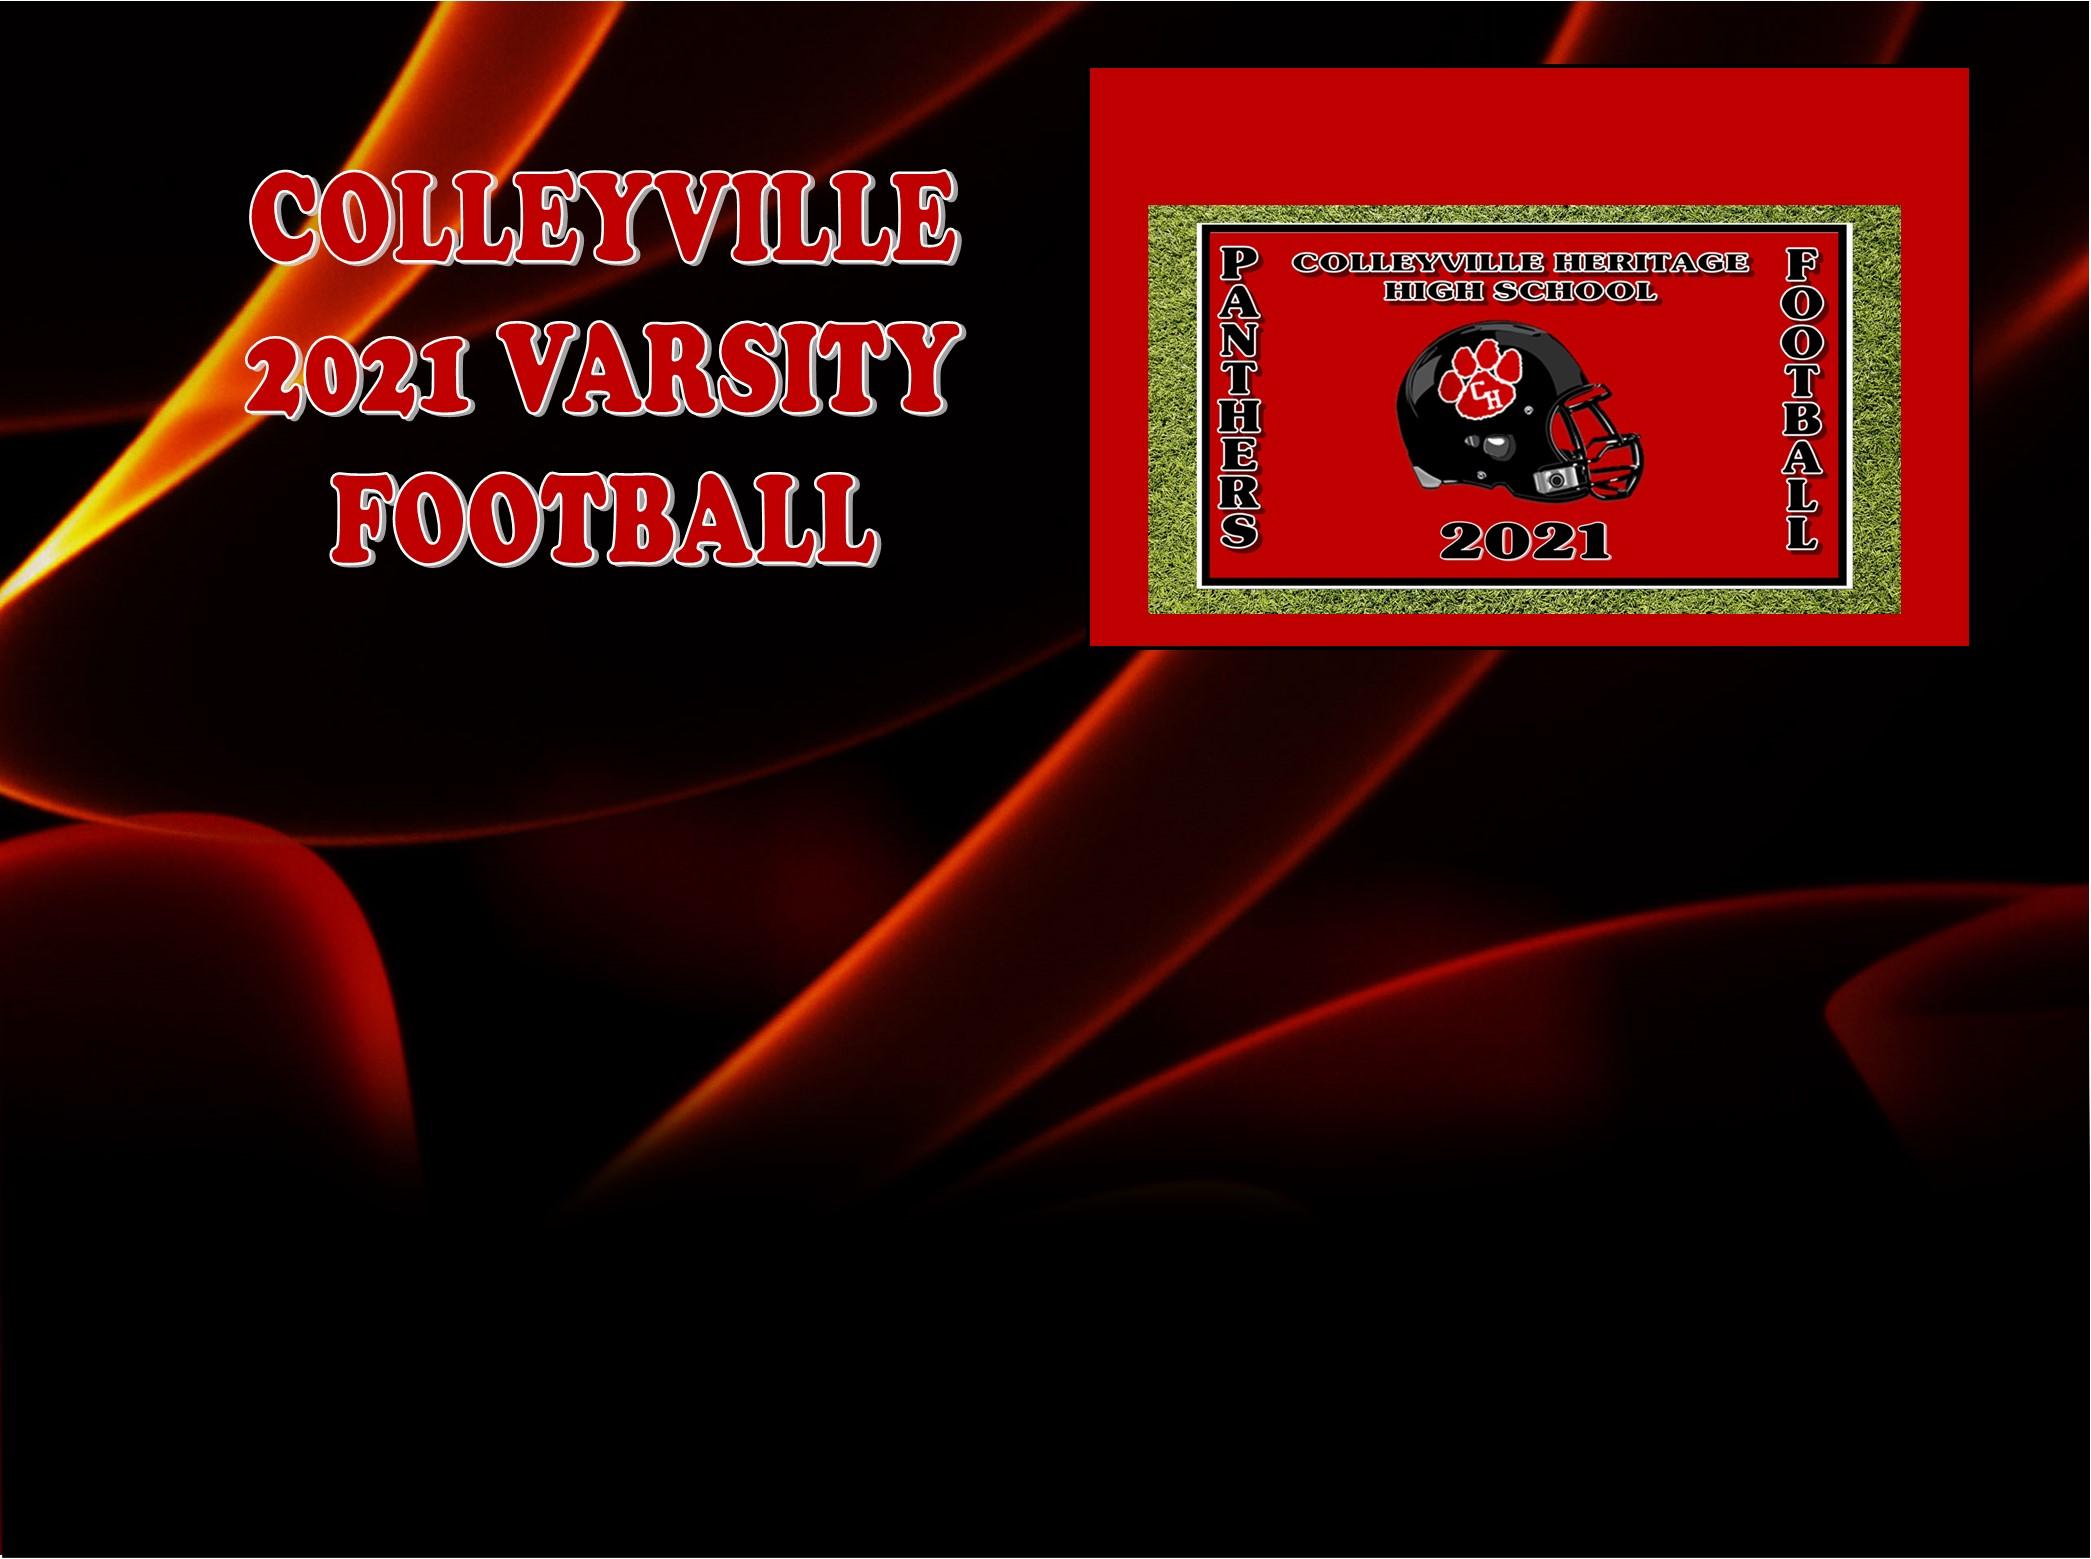 GCISD Football: Colleyville Heritage Varsity Football 2021 Schedule